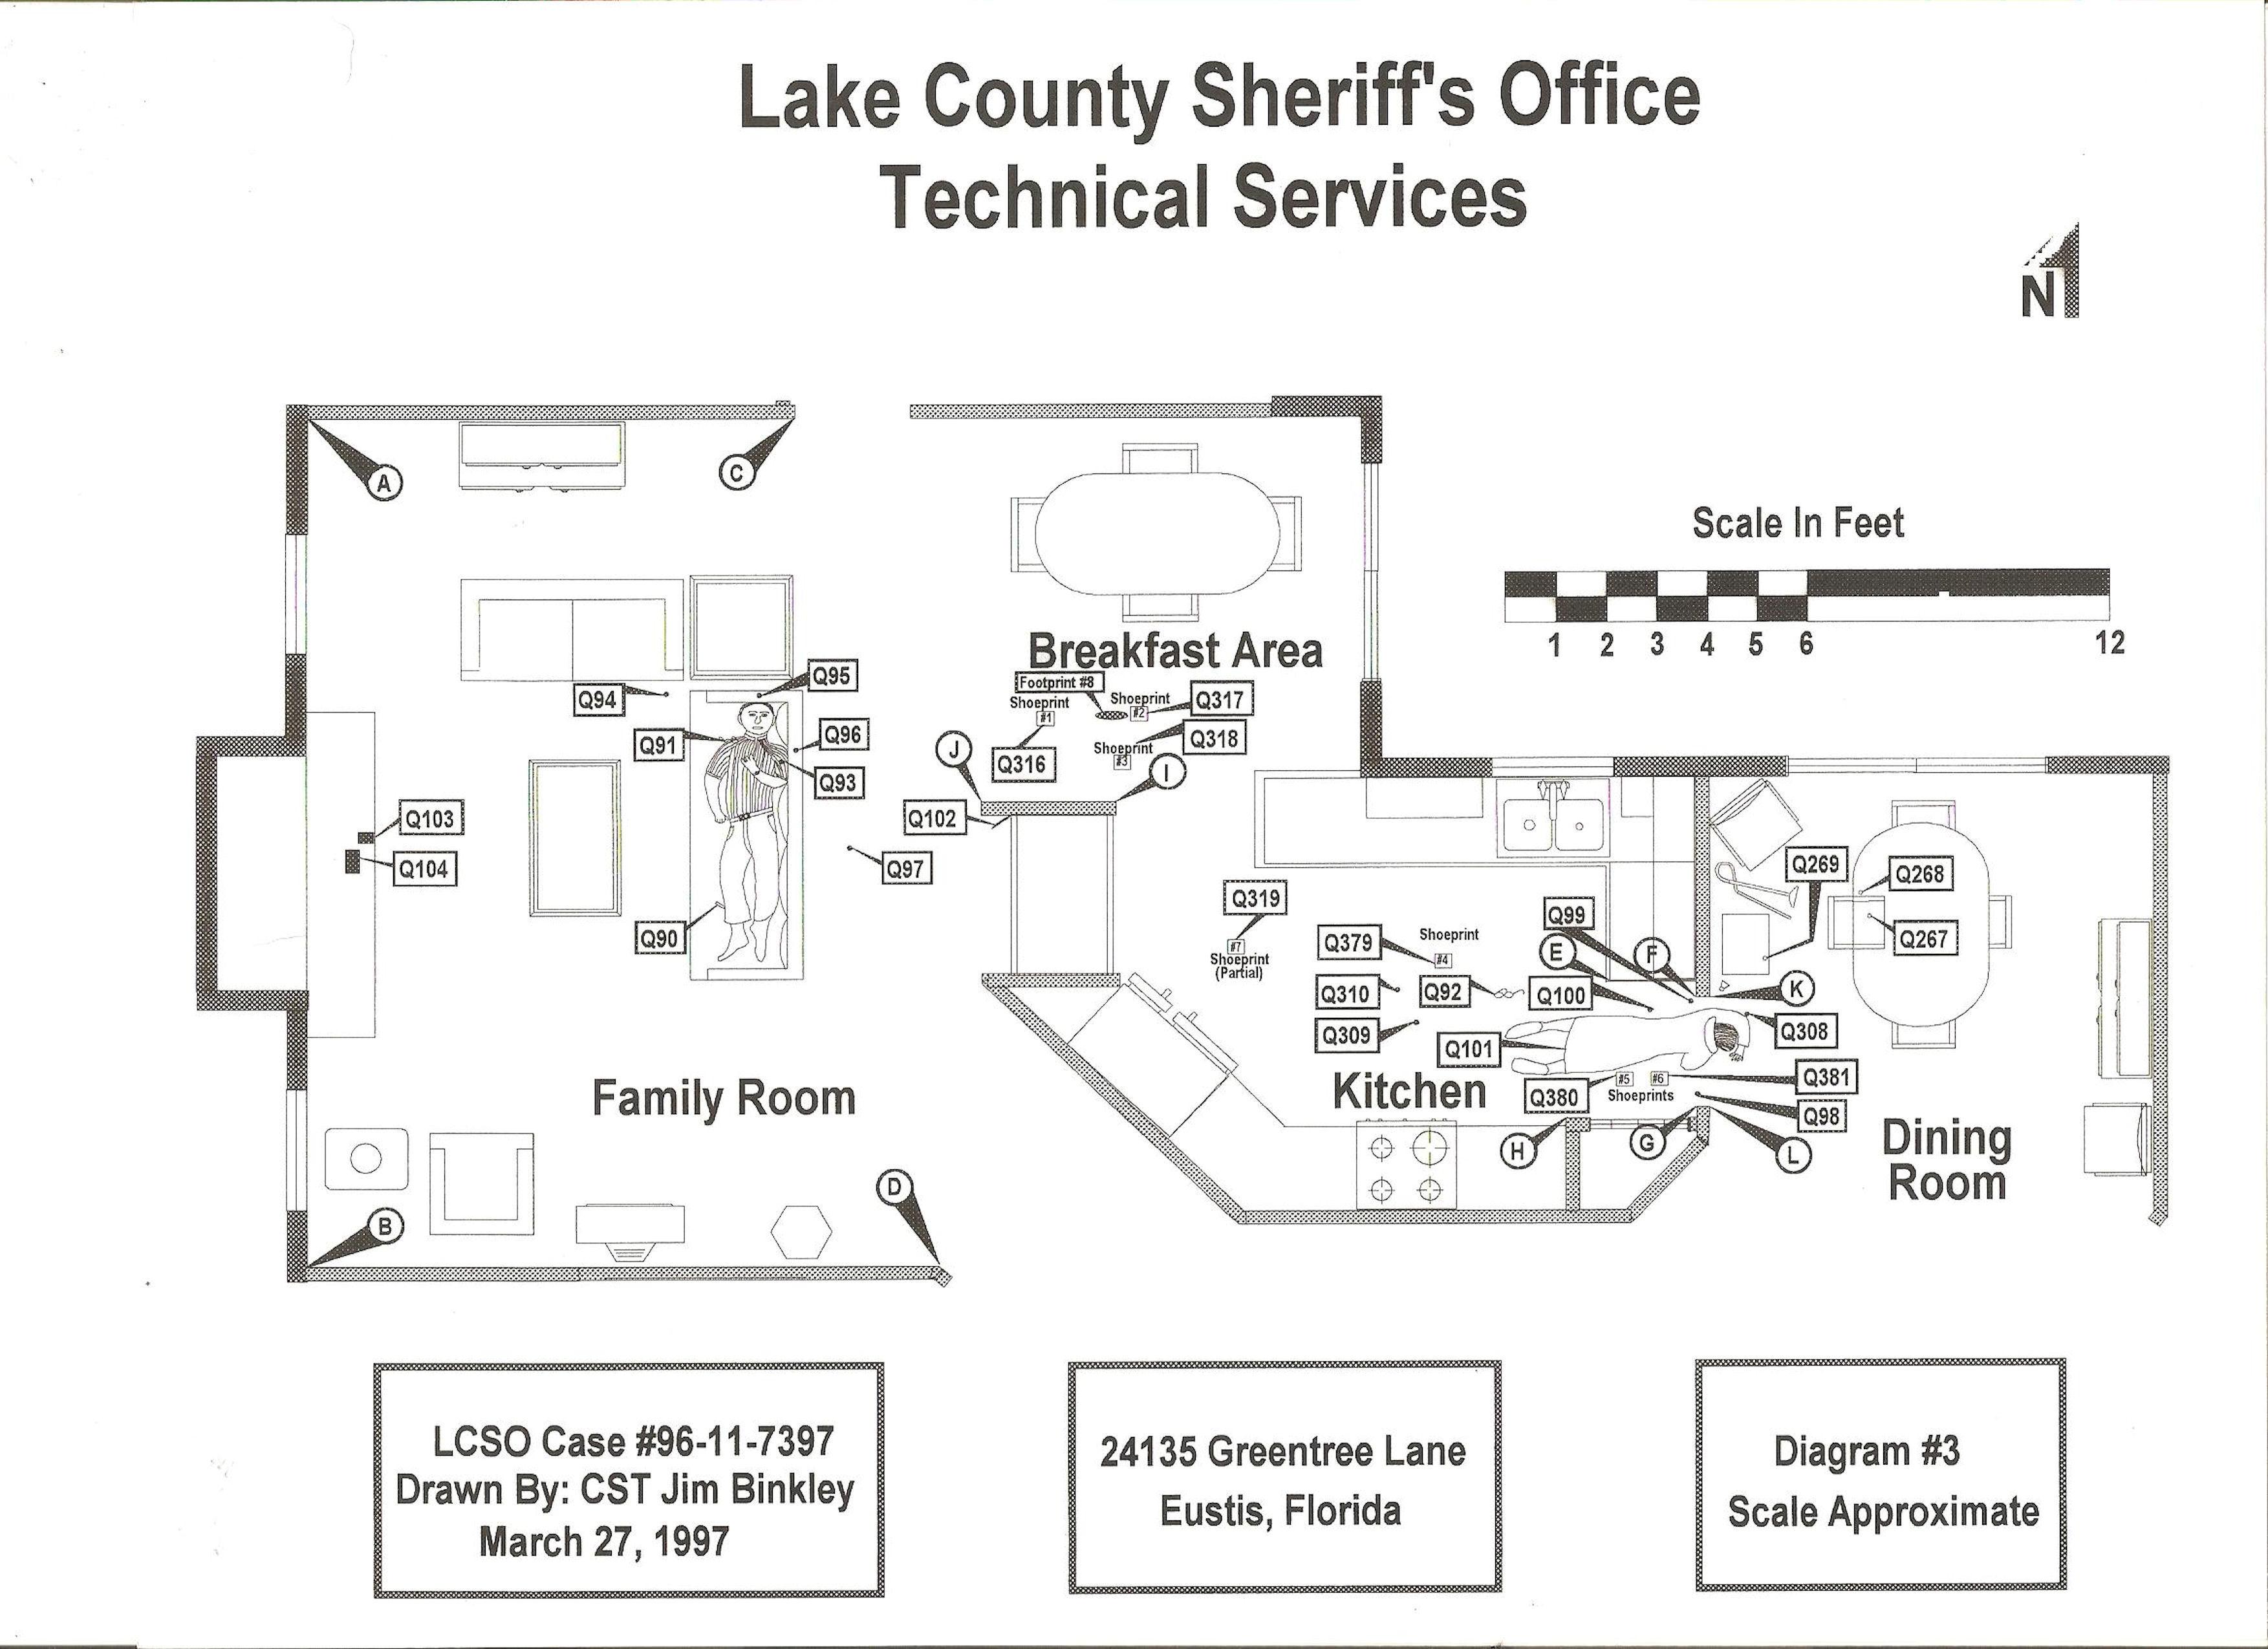 Crime Scene Diagram 1